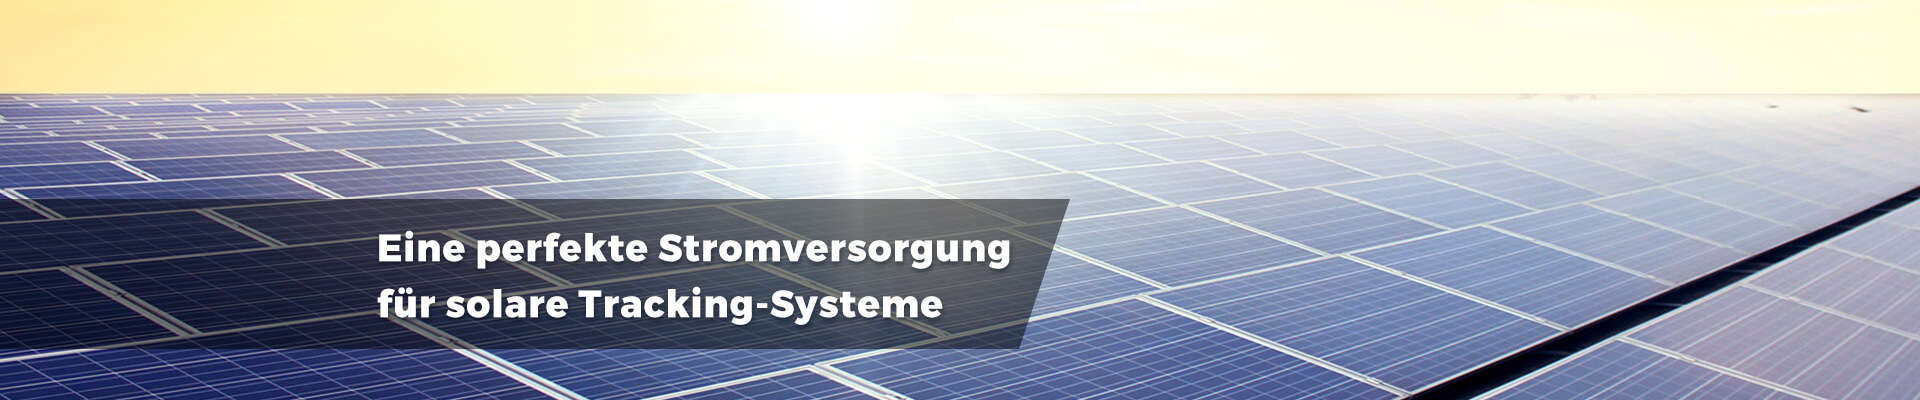 Eine perfekte Stromversorgung für solare Tracking-Systeme